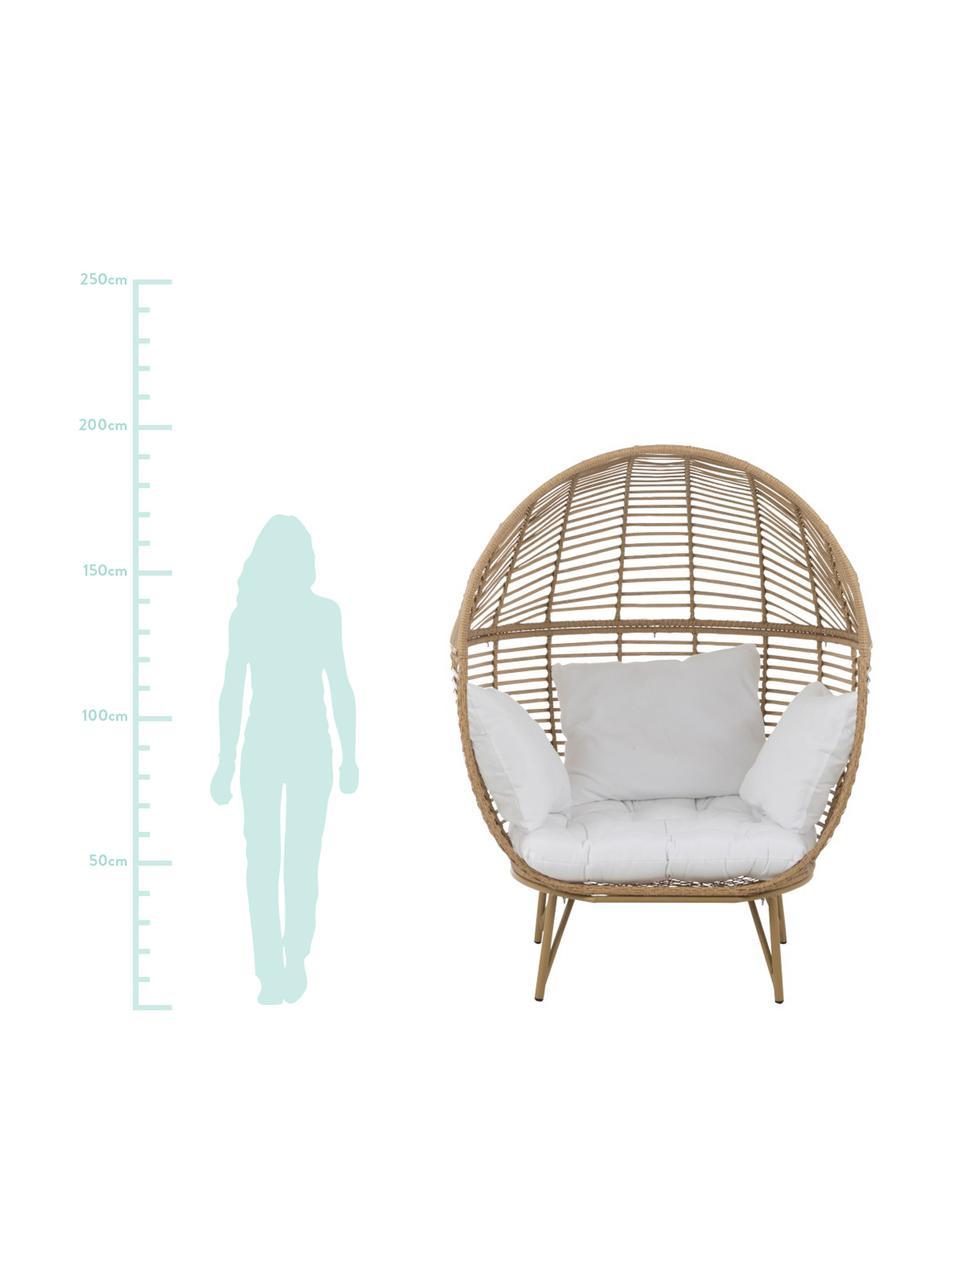 Korbsessel Oval aus Rattan, Braun, Weiß, 115 x 148 cm